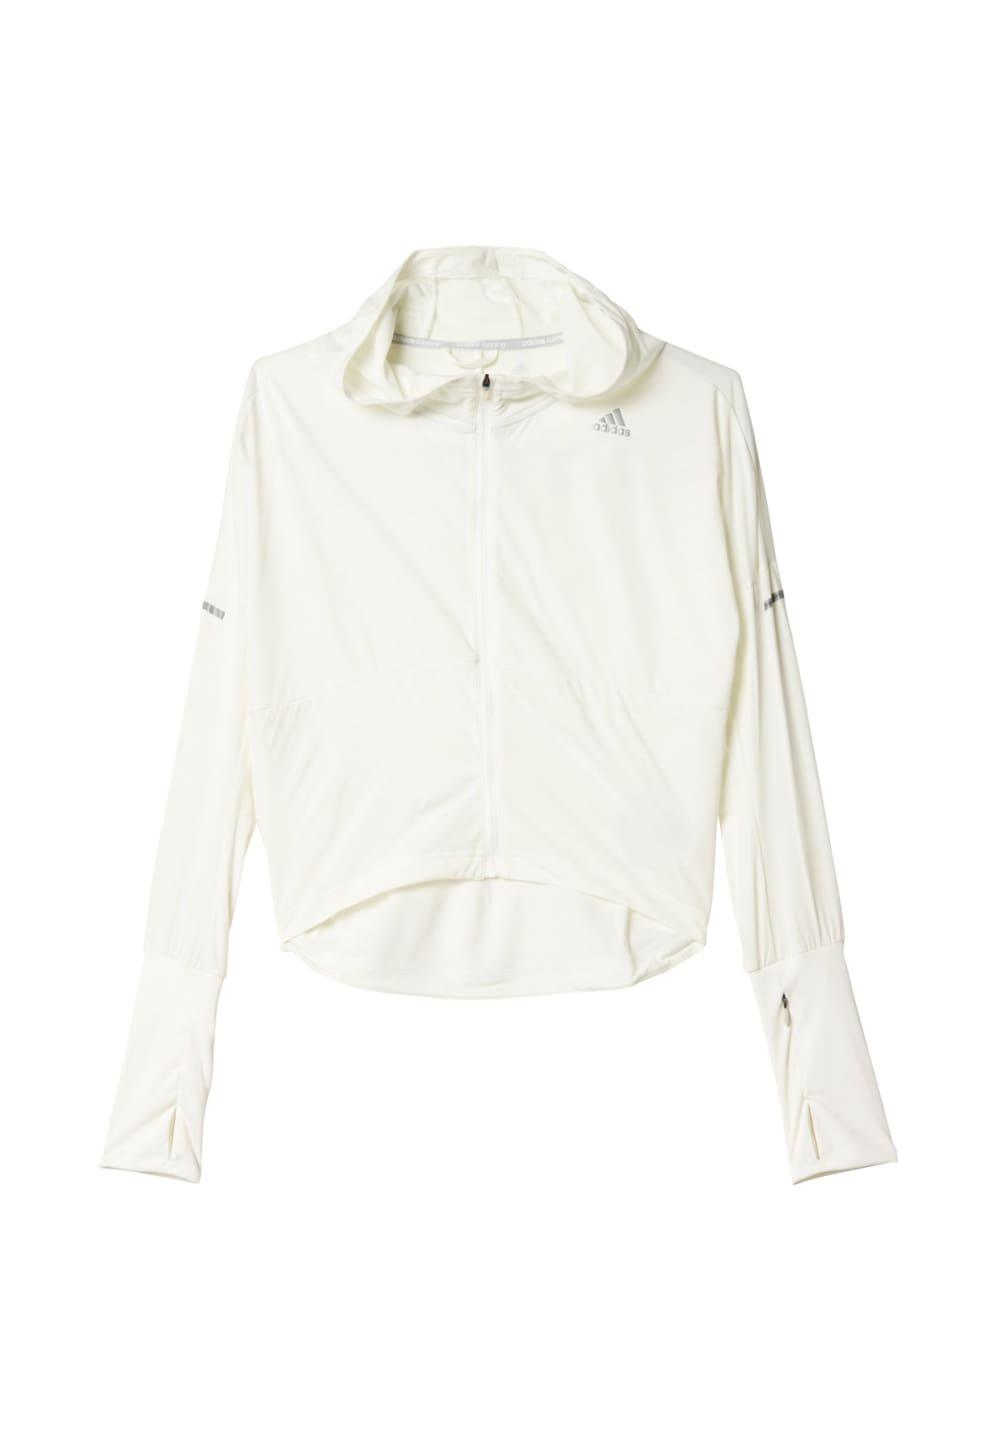 Adidas Pure X Jacket Femmes Vestes course